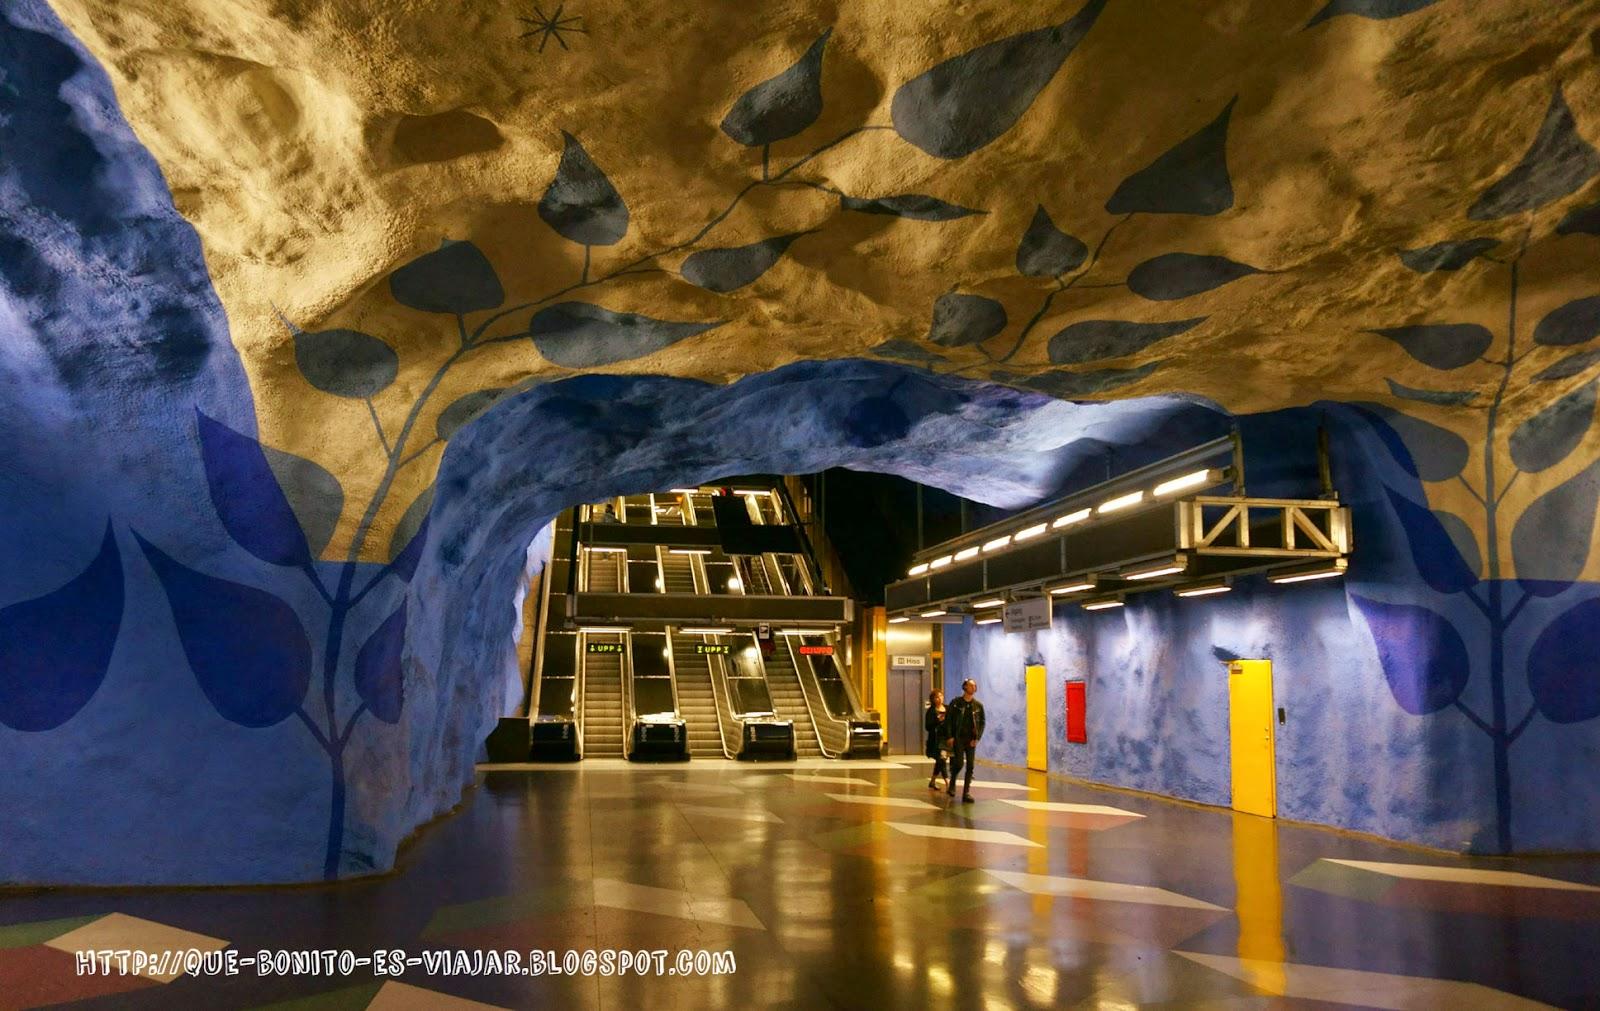 Visita al Metro de Estocolmo